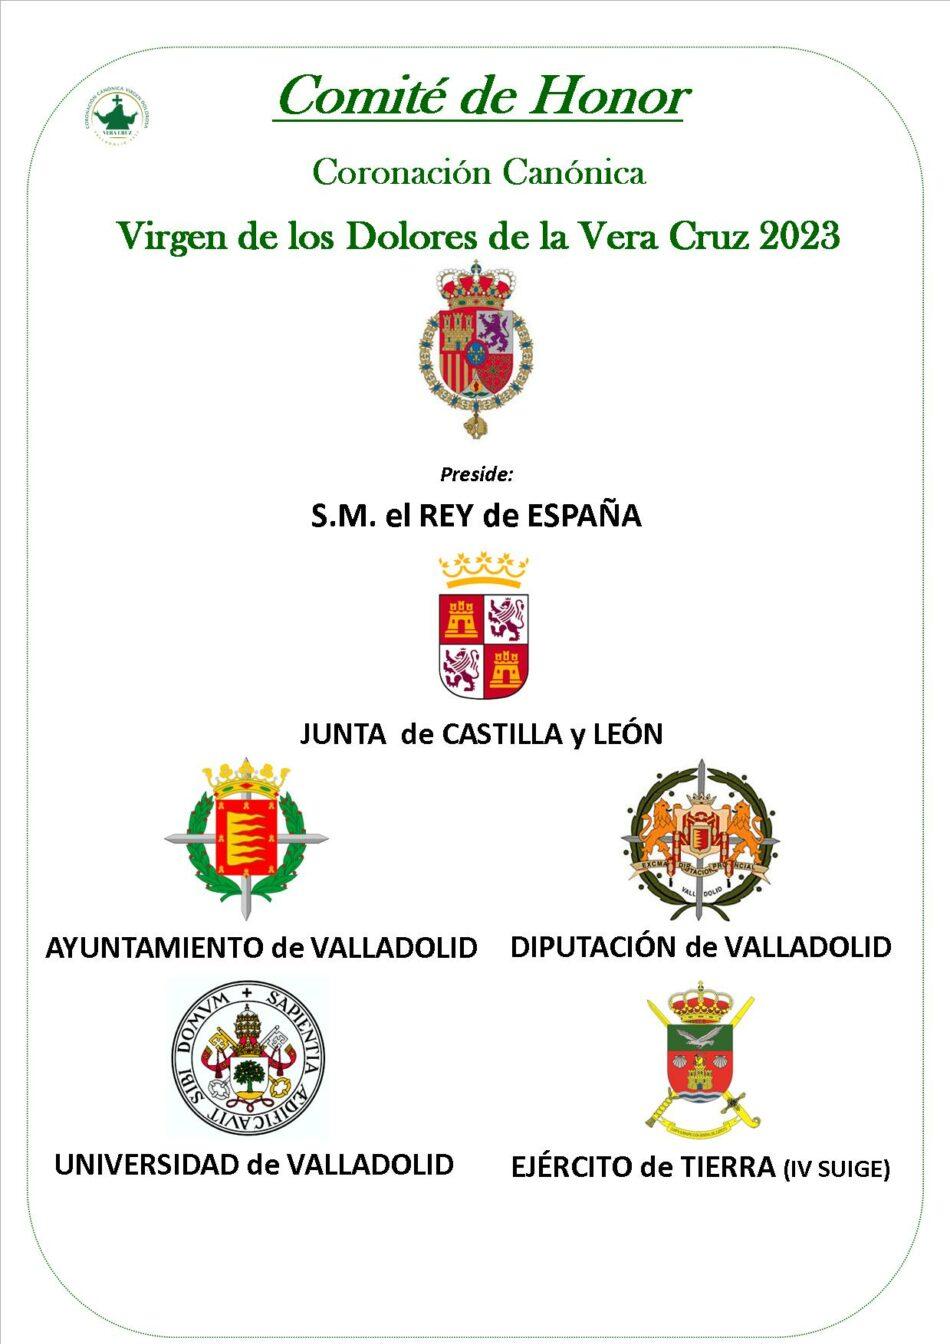 UNI Laica pide al rector de la Universidad de Valladolid que ésta se desmarque de la Coronación Canónica de la Virgen de los Dolores